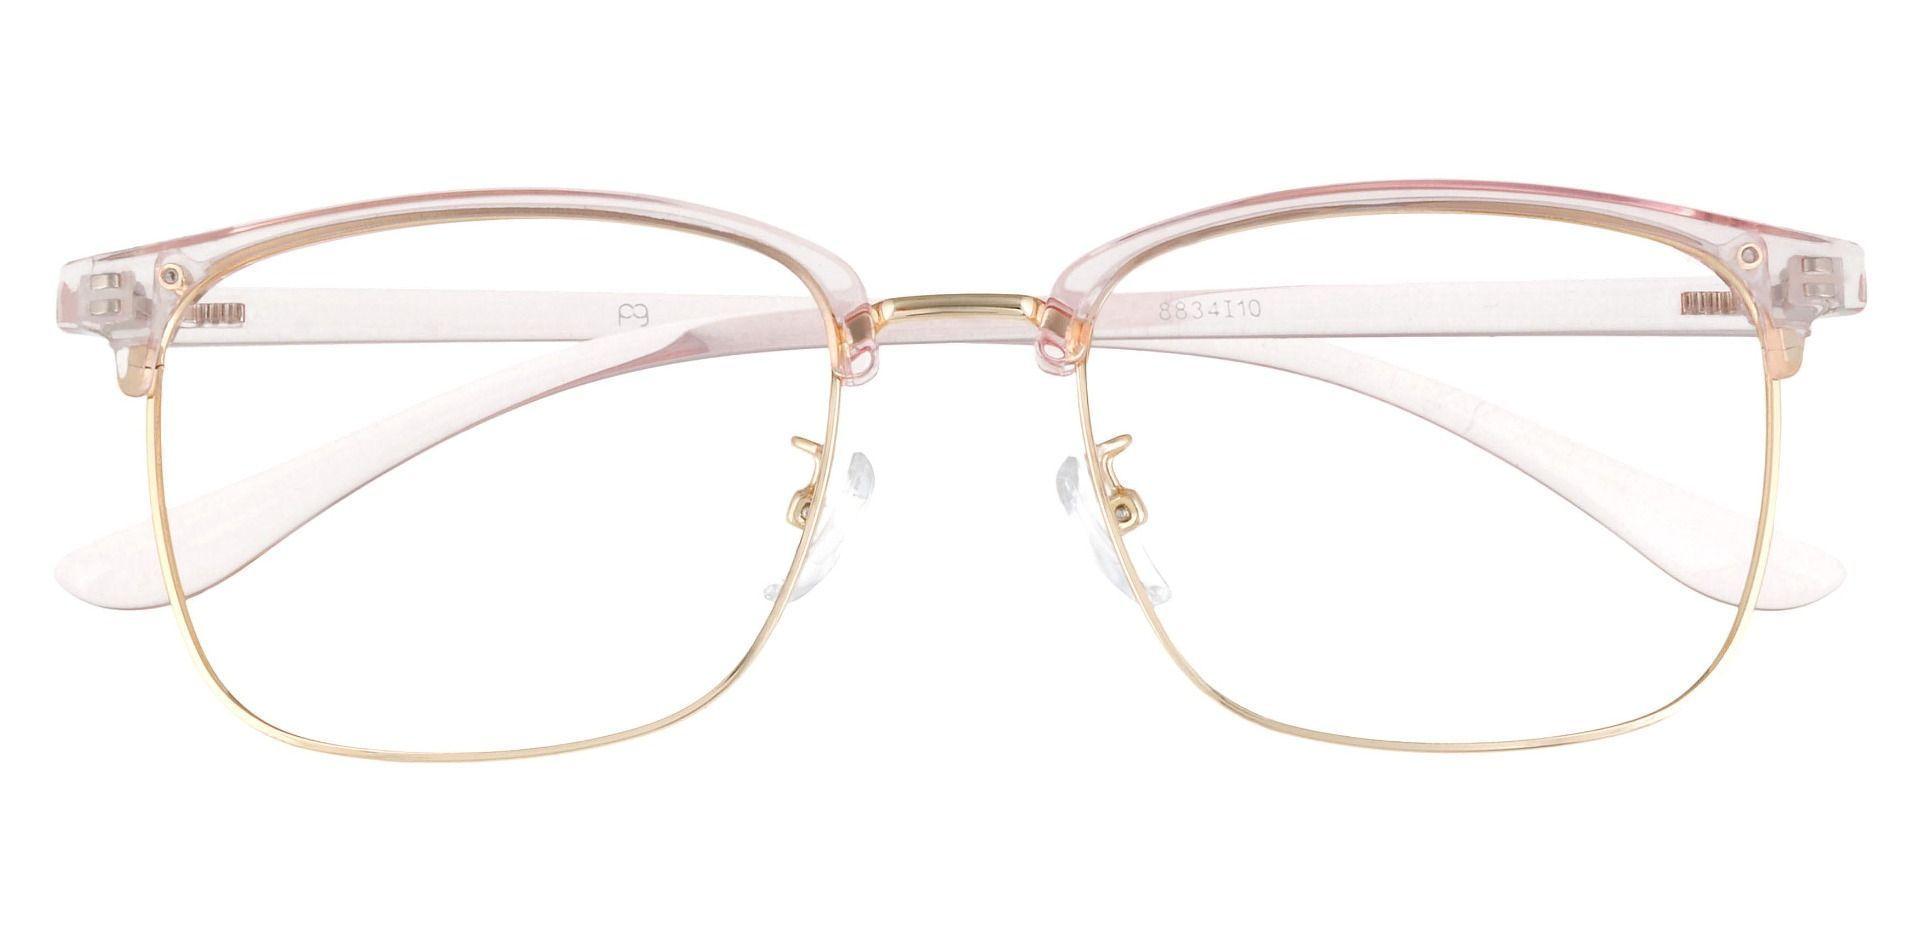 Simcoe Browline Prescription Glasses - Pink